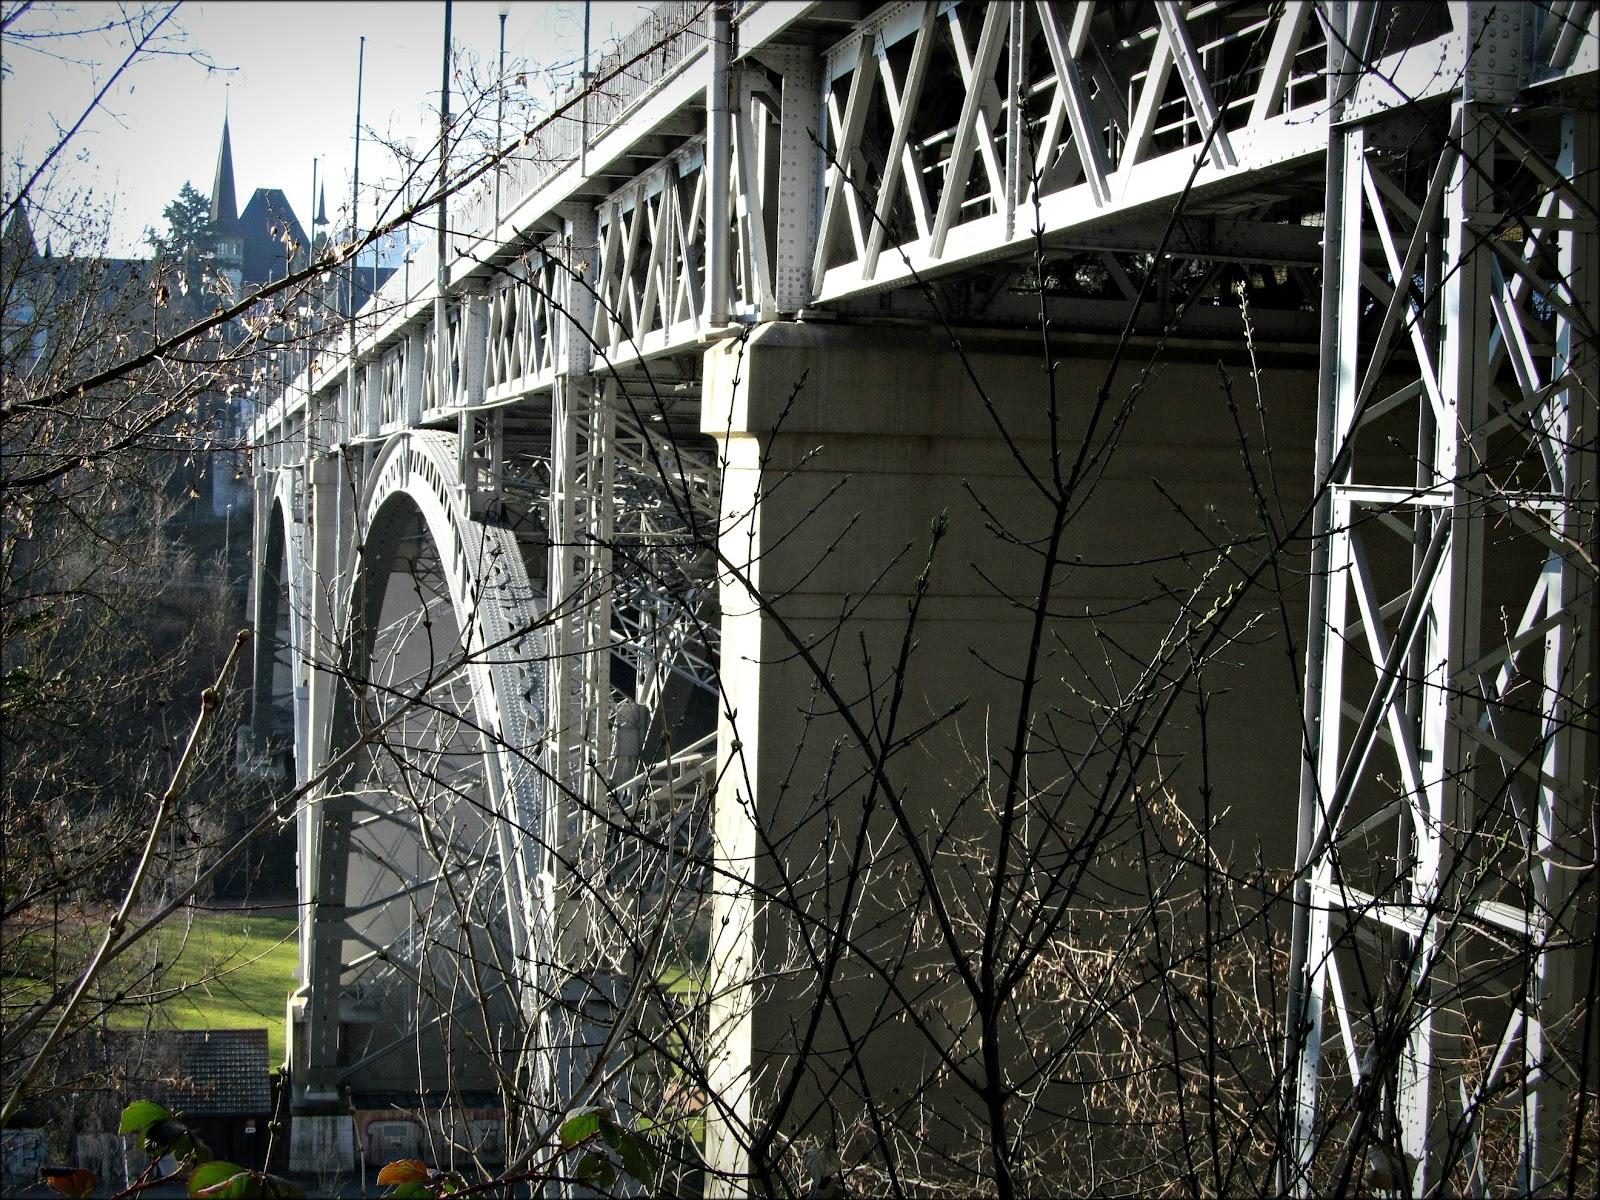 Die kirchenfeldbrücke